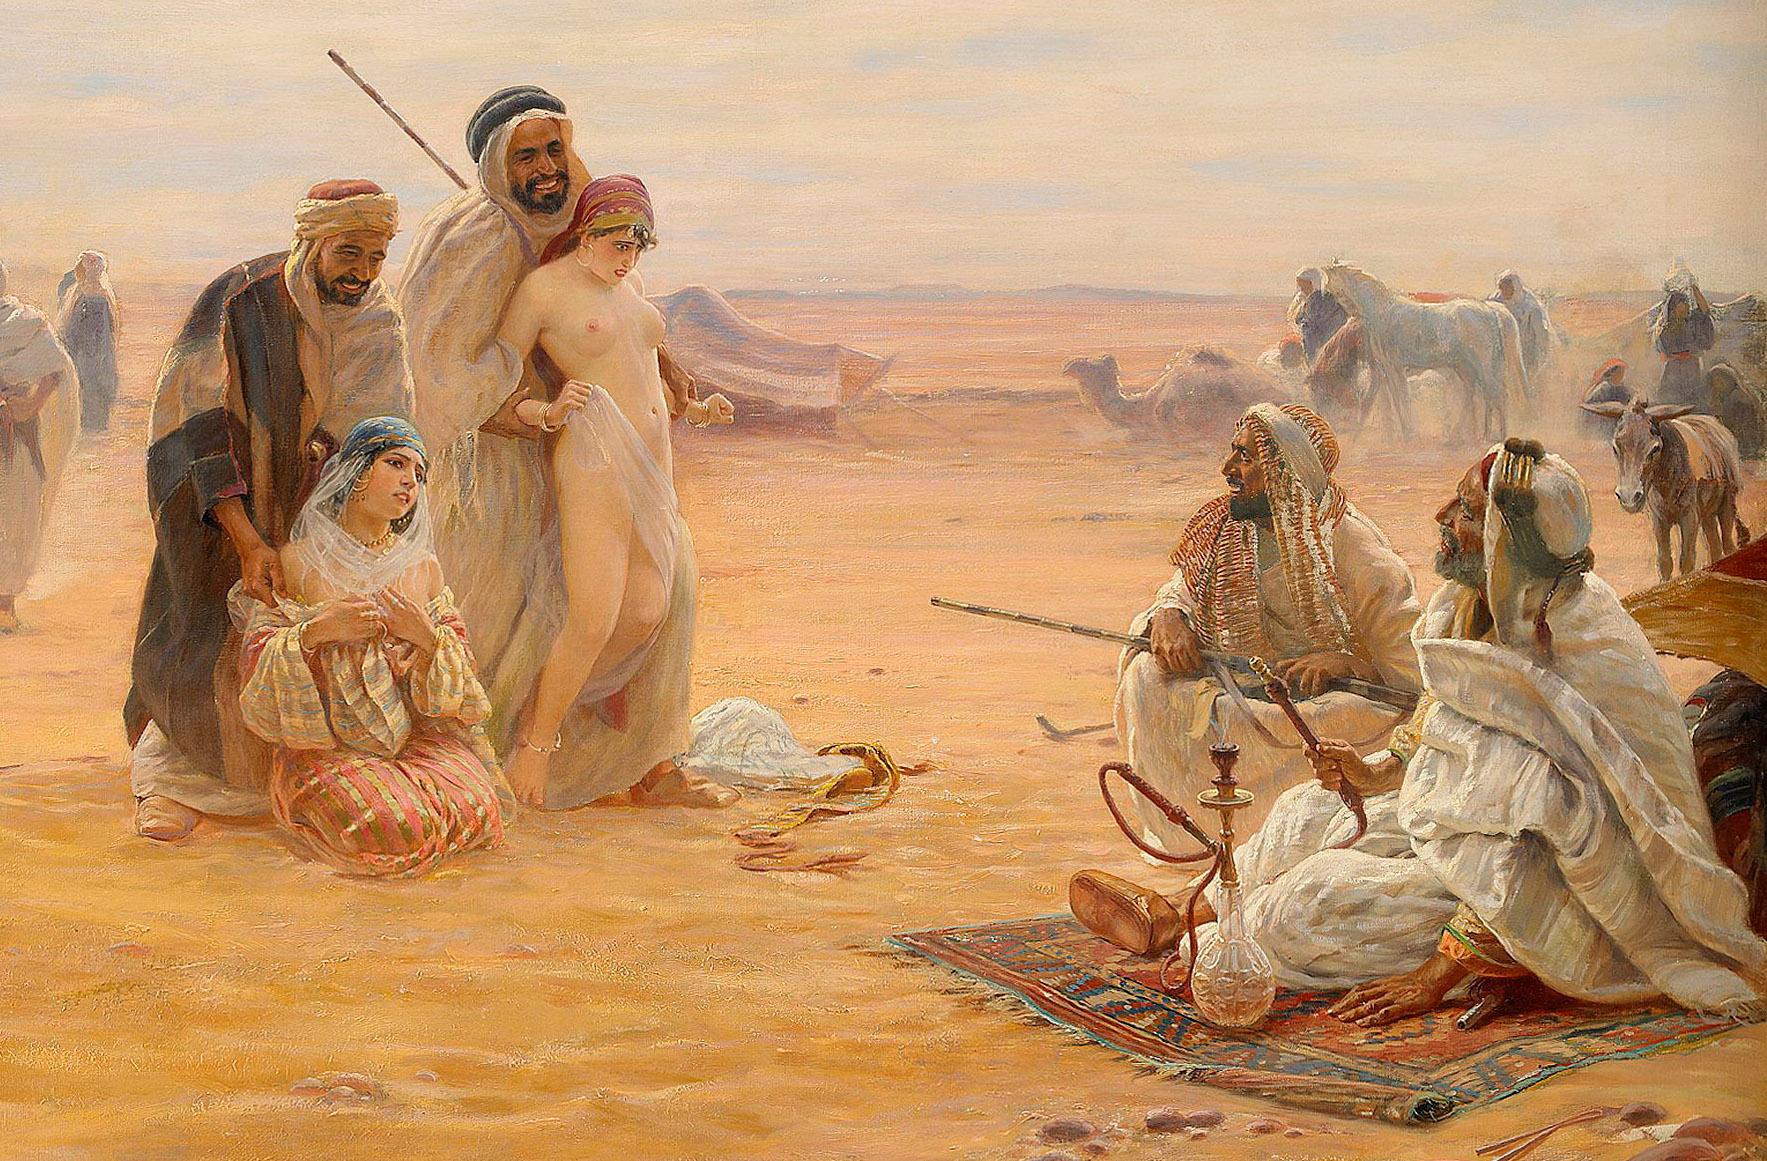 Cuộc sống bí mật của cung tần thời cổ - 12